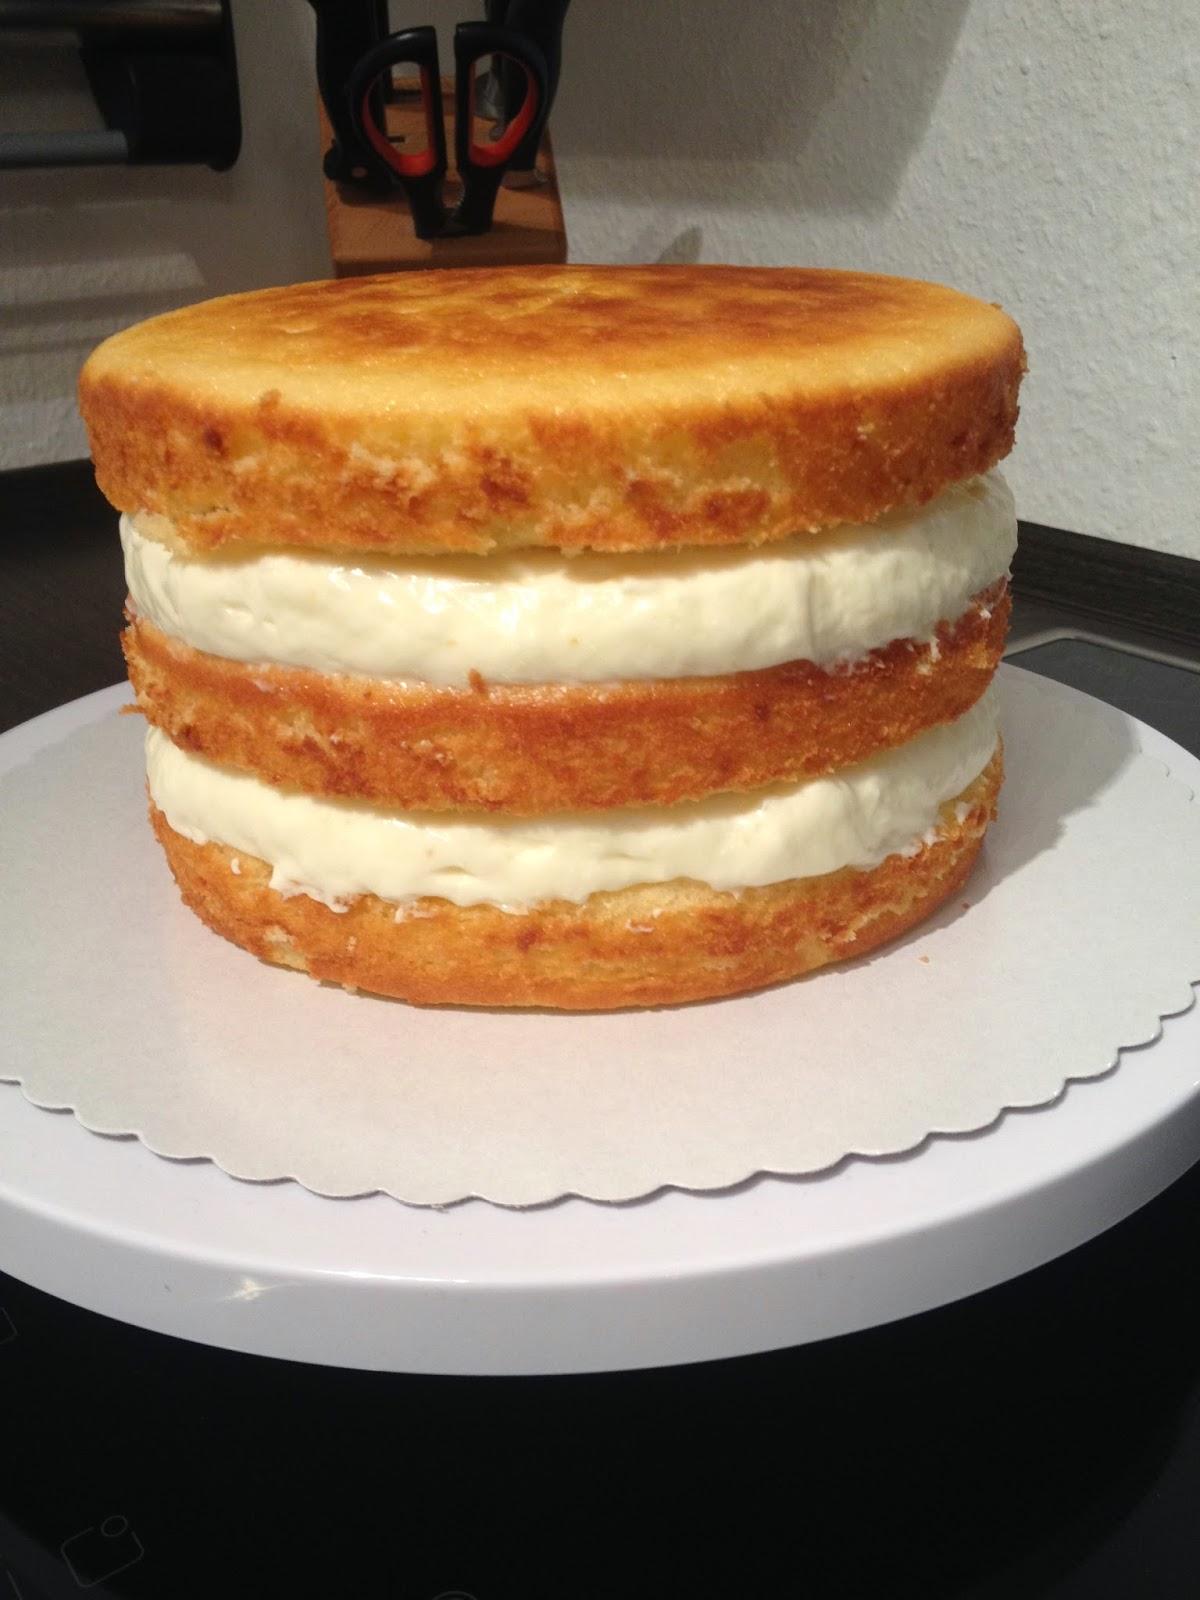 pudding buttercreme fondanttauglich